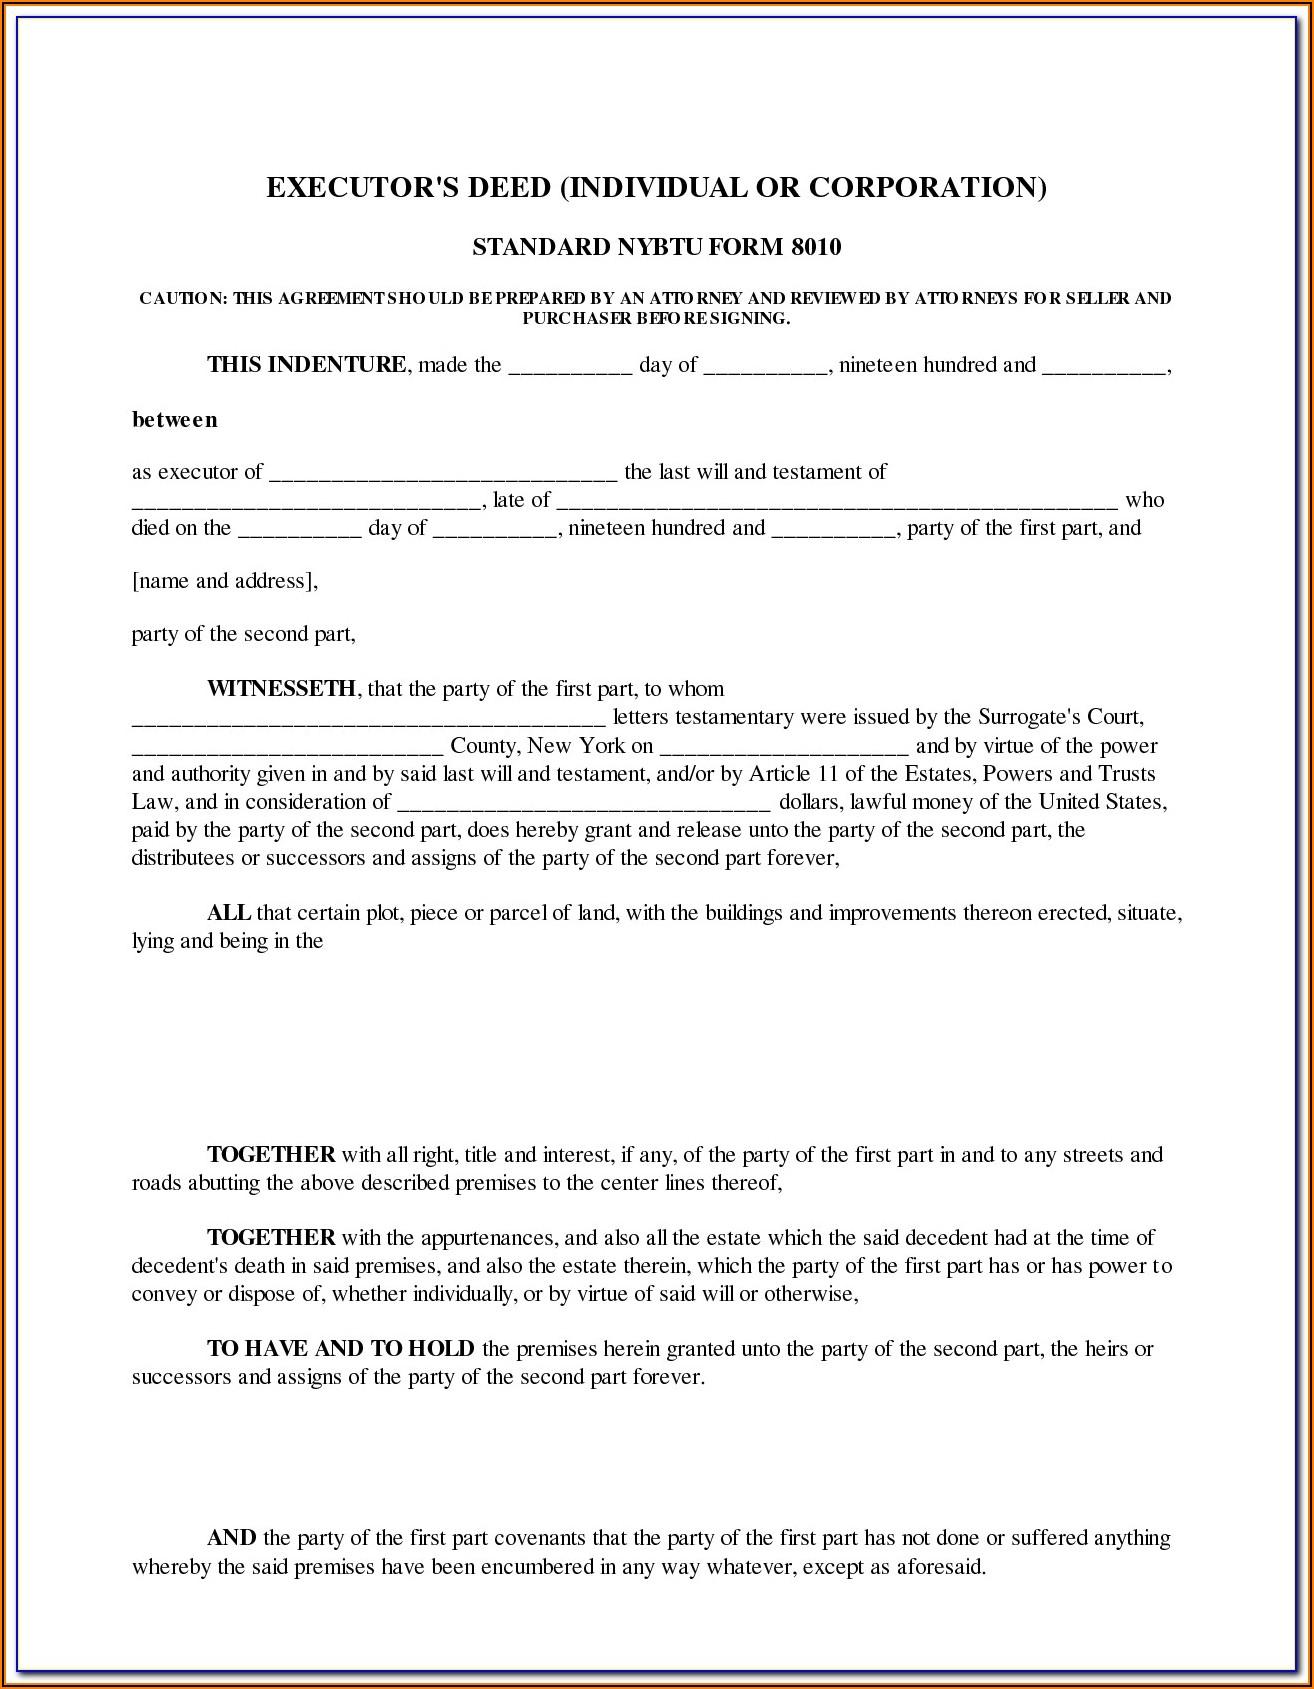 Cpap Standard Prescription Form